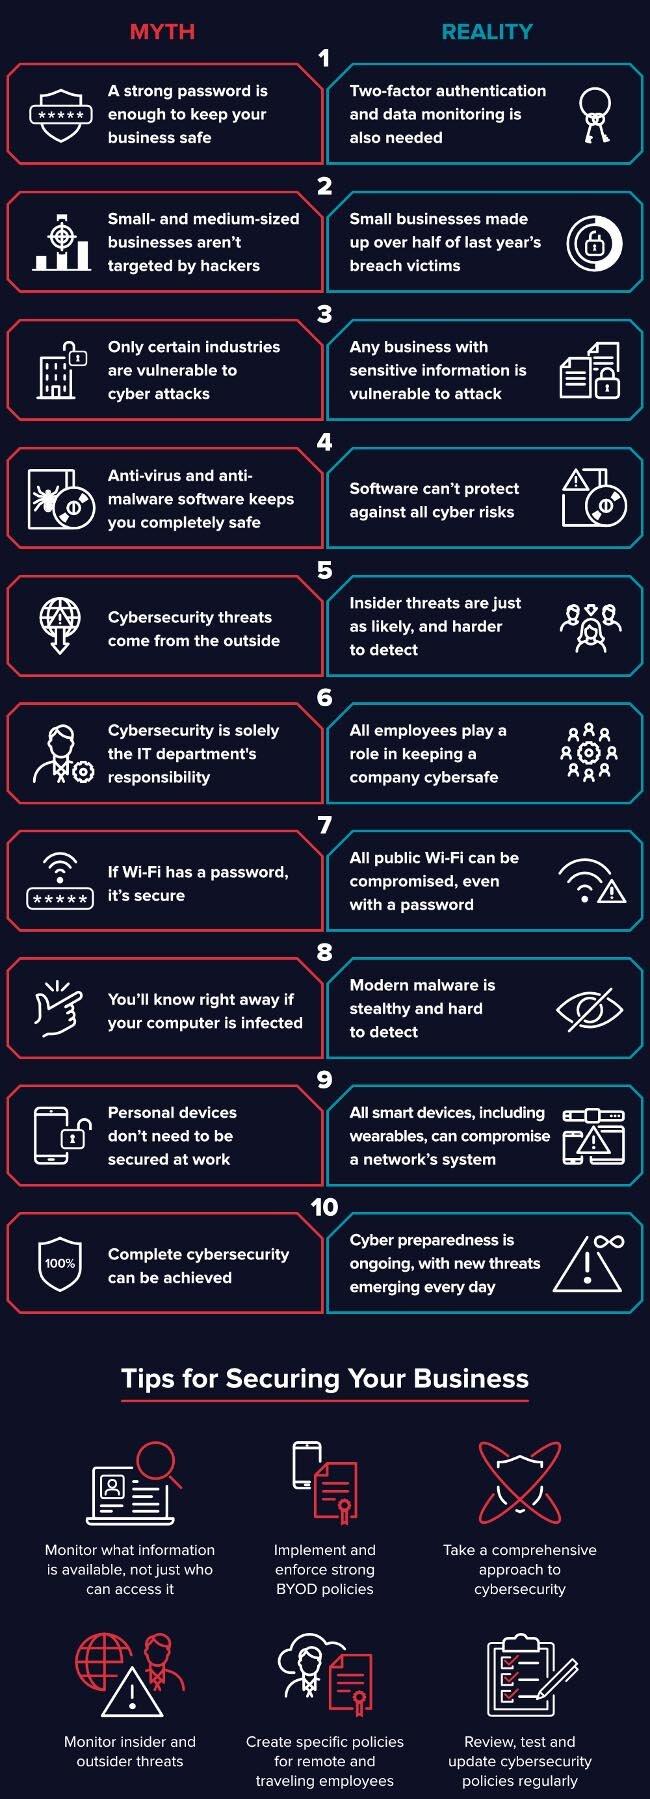 cybersecurity myths.jpg